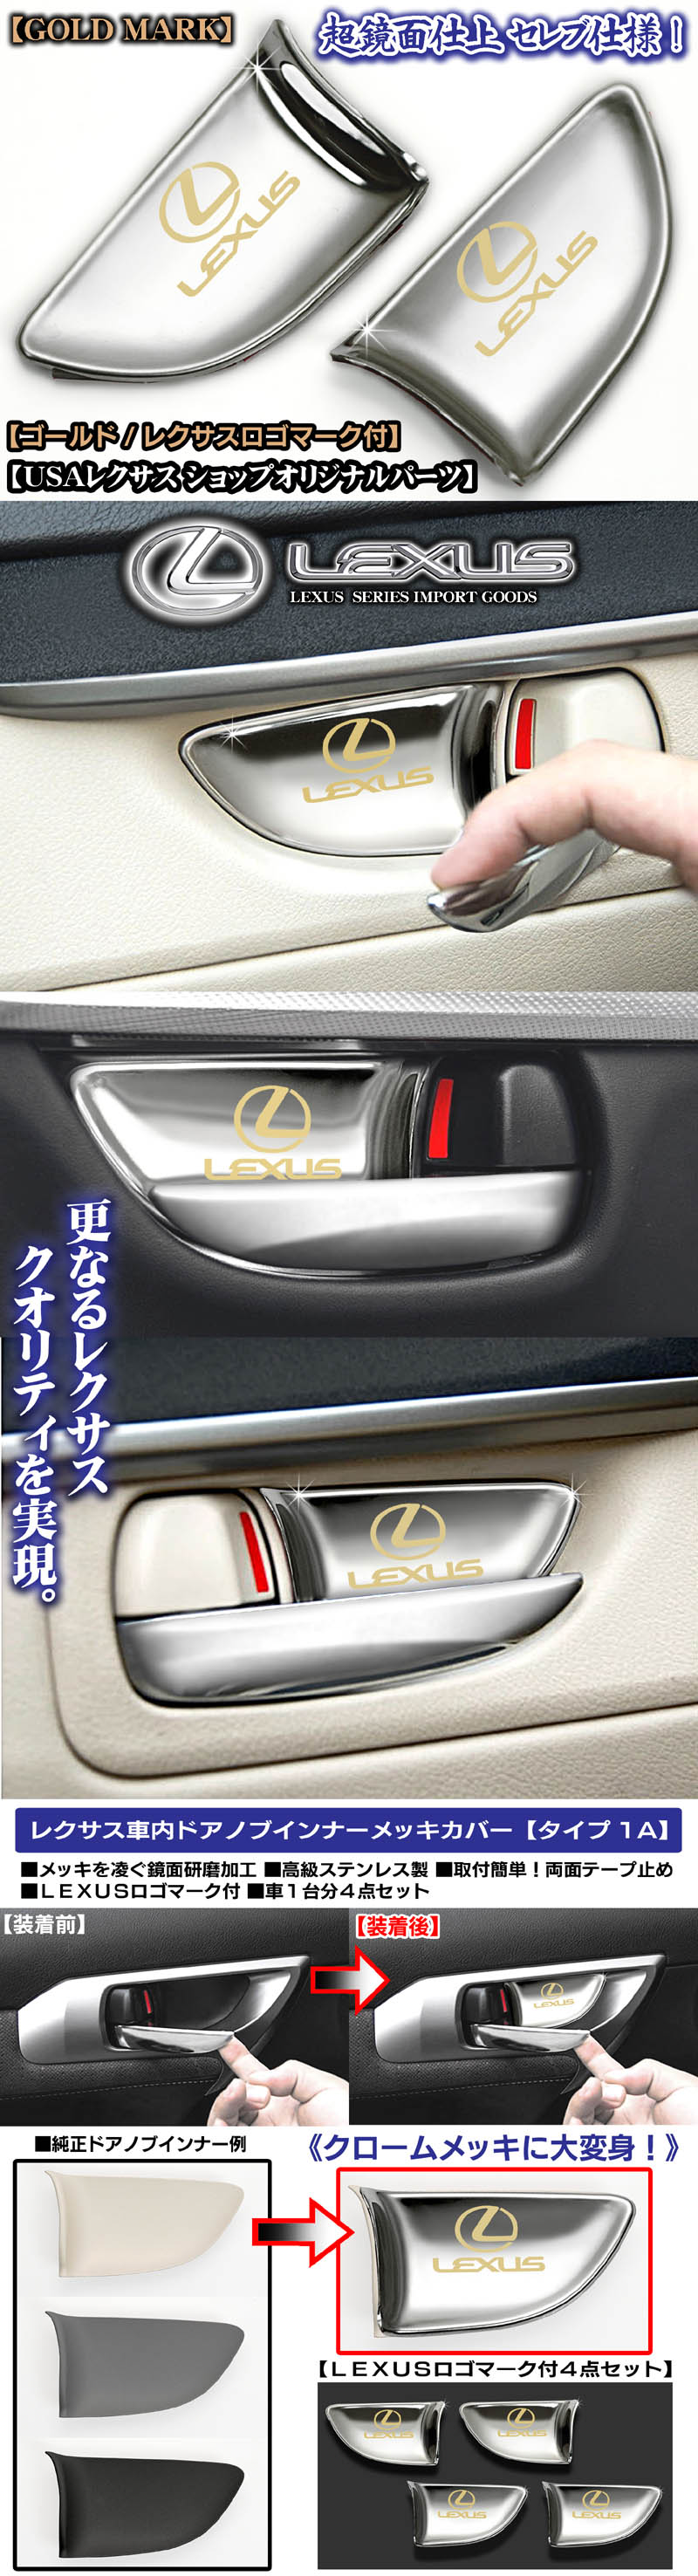 【レクサス汎用LS/GS/IS/HS/CT/NX/RX】ゴールド4点セット/車内ドアハンドルノブ メッキインナーカバー[タイプ1A]